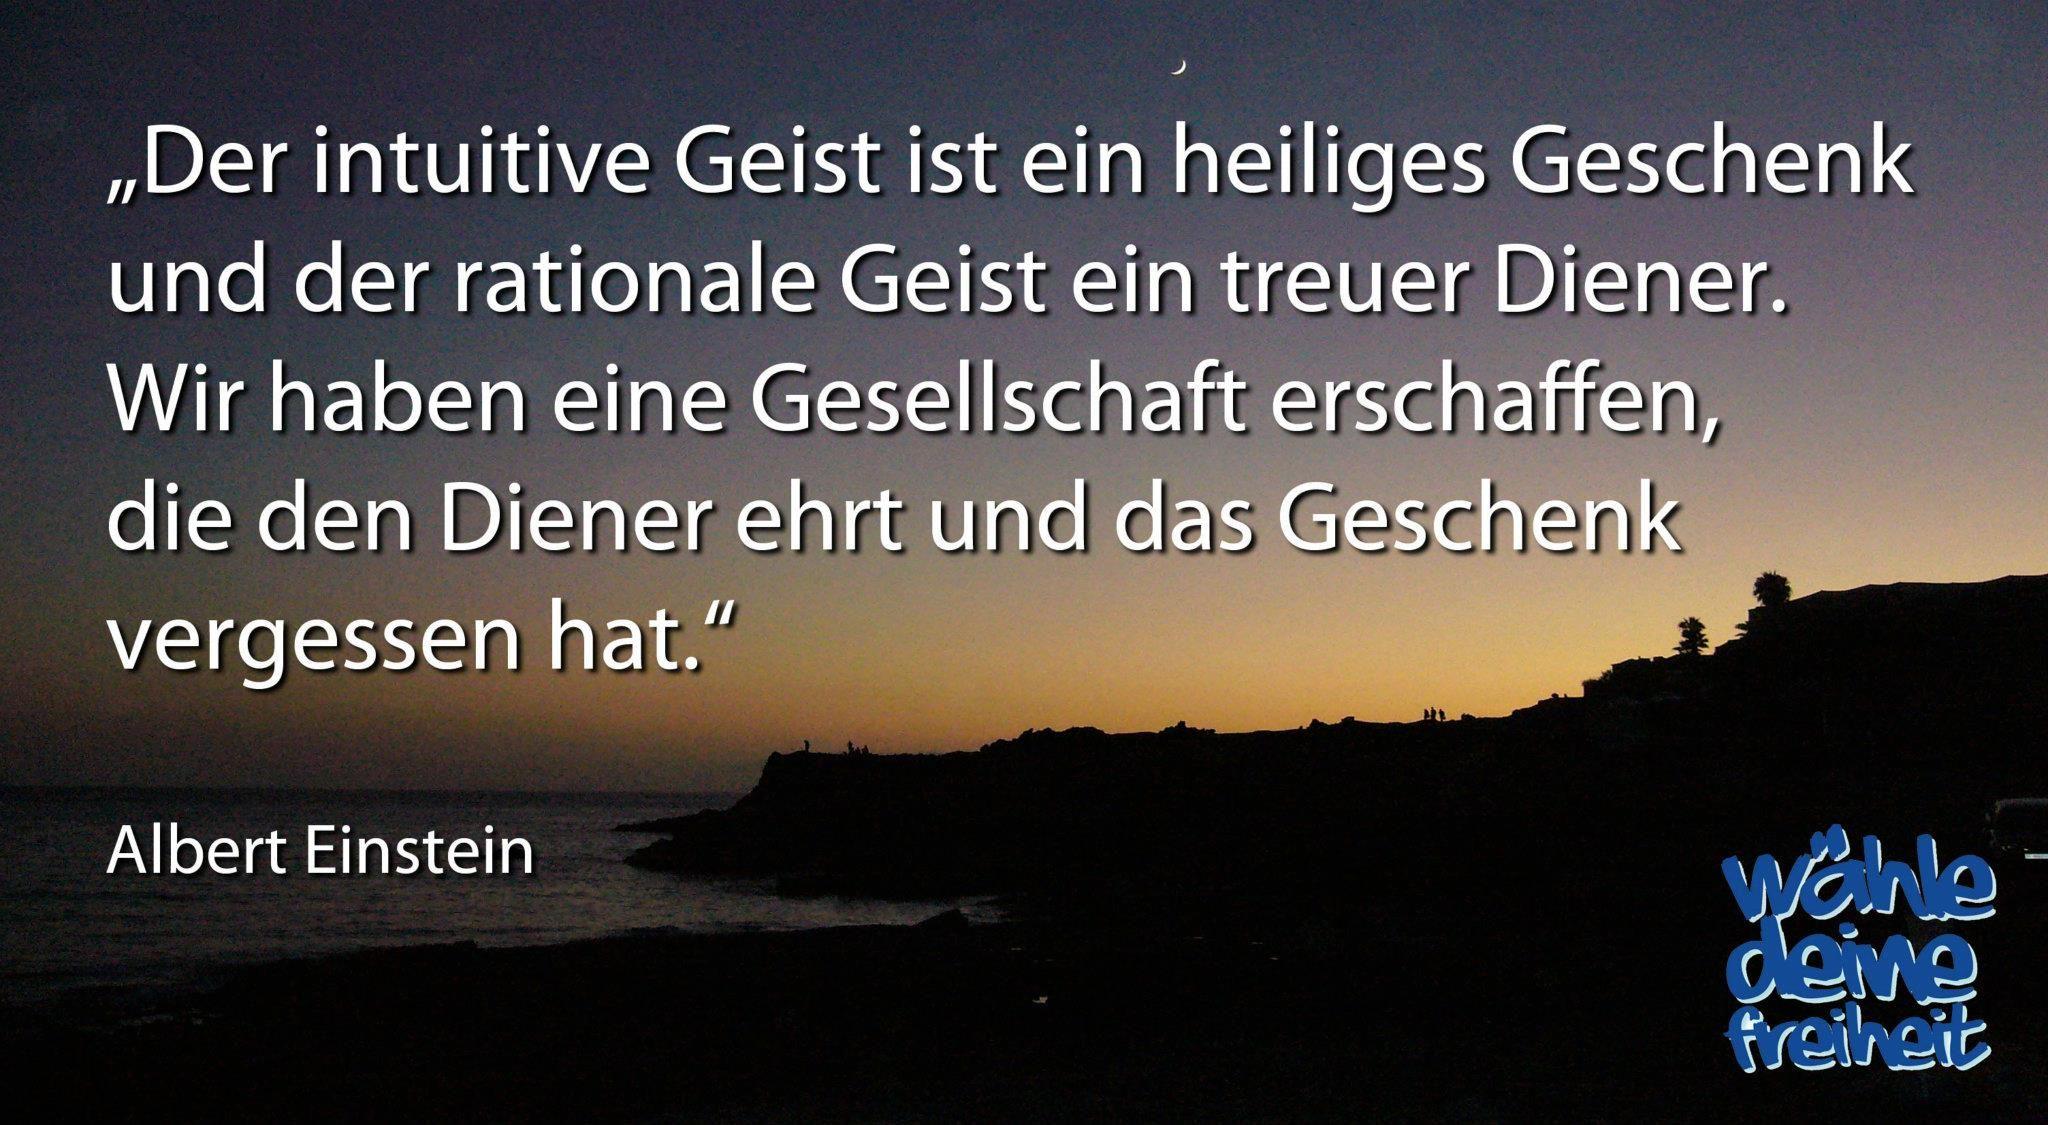 einstein what else?